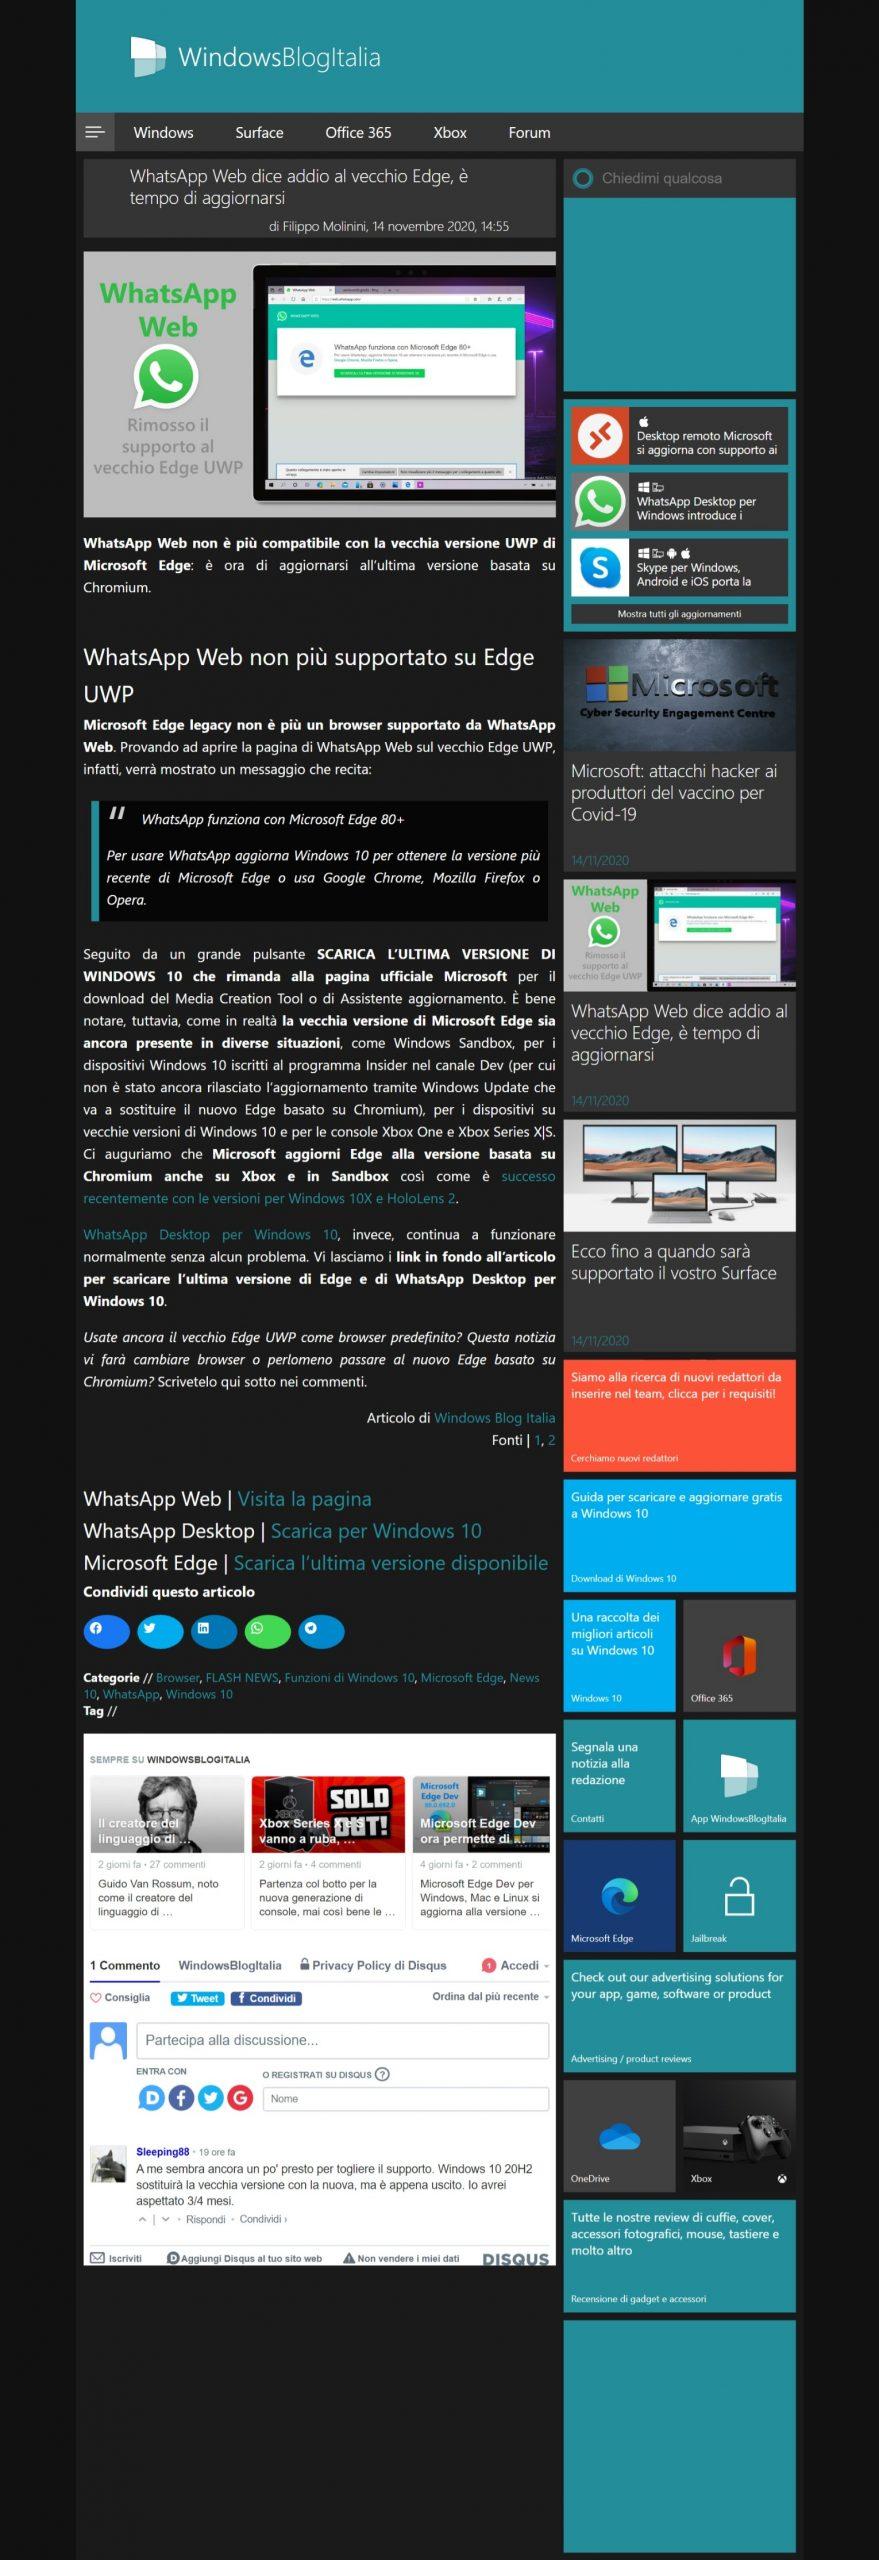 Acquisizione di schermata intera in Microsoft Edge